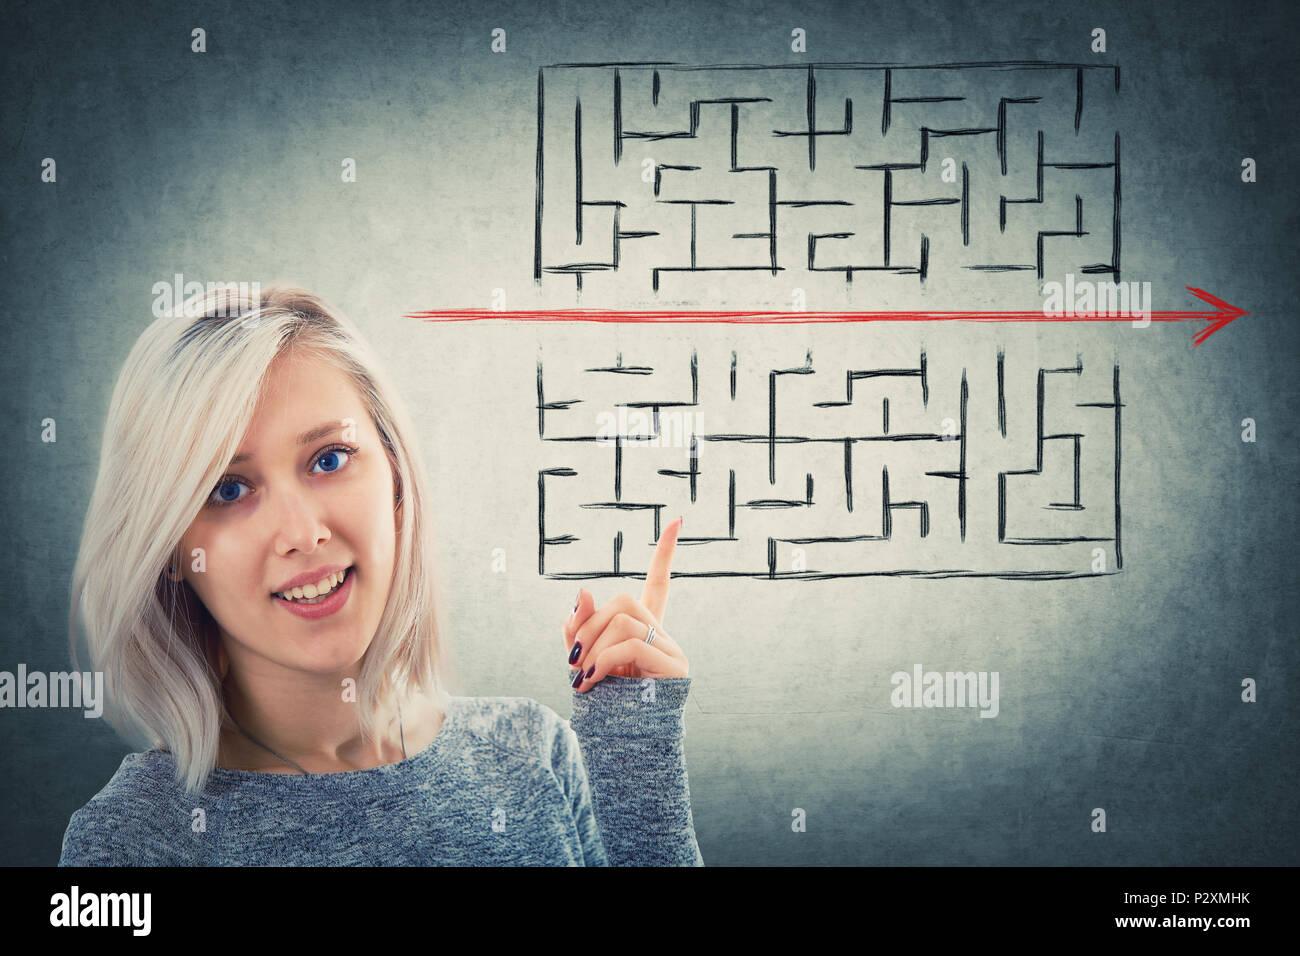 Close up Portrait von einem verwirrten Frau zeigt mit dem Finger auf eine Lösung von Labyrinth zu entkommen. Junge Geschäftsfrau brechen die Regeln, als Stockbild